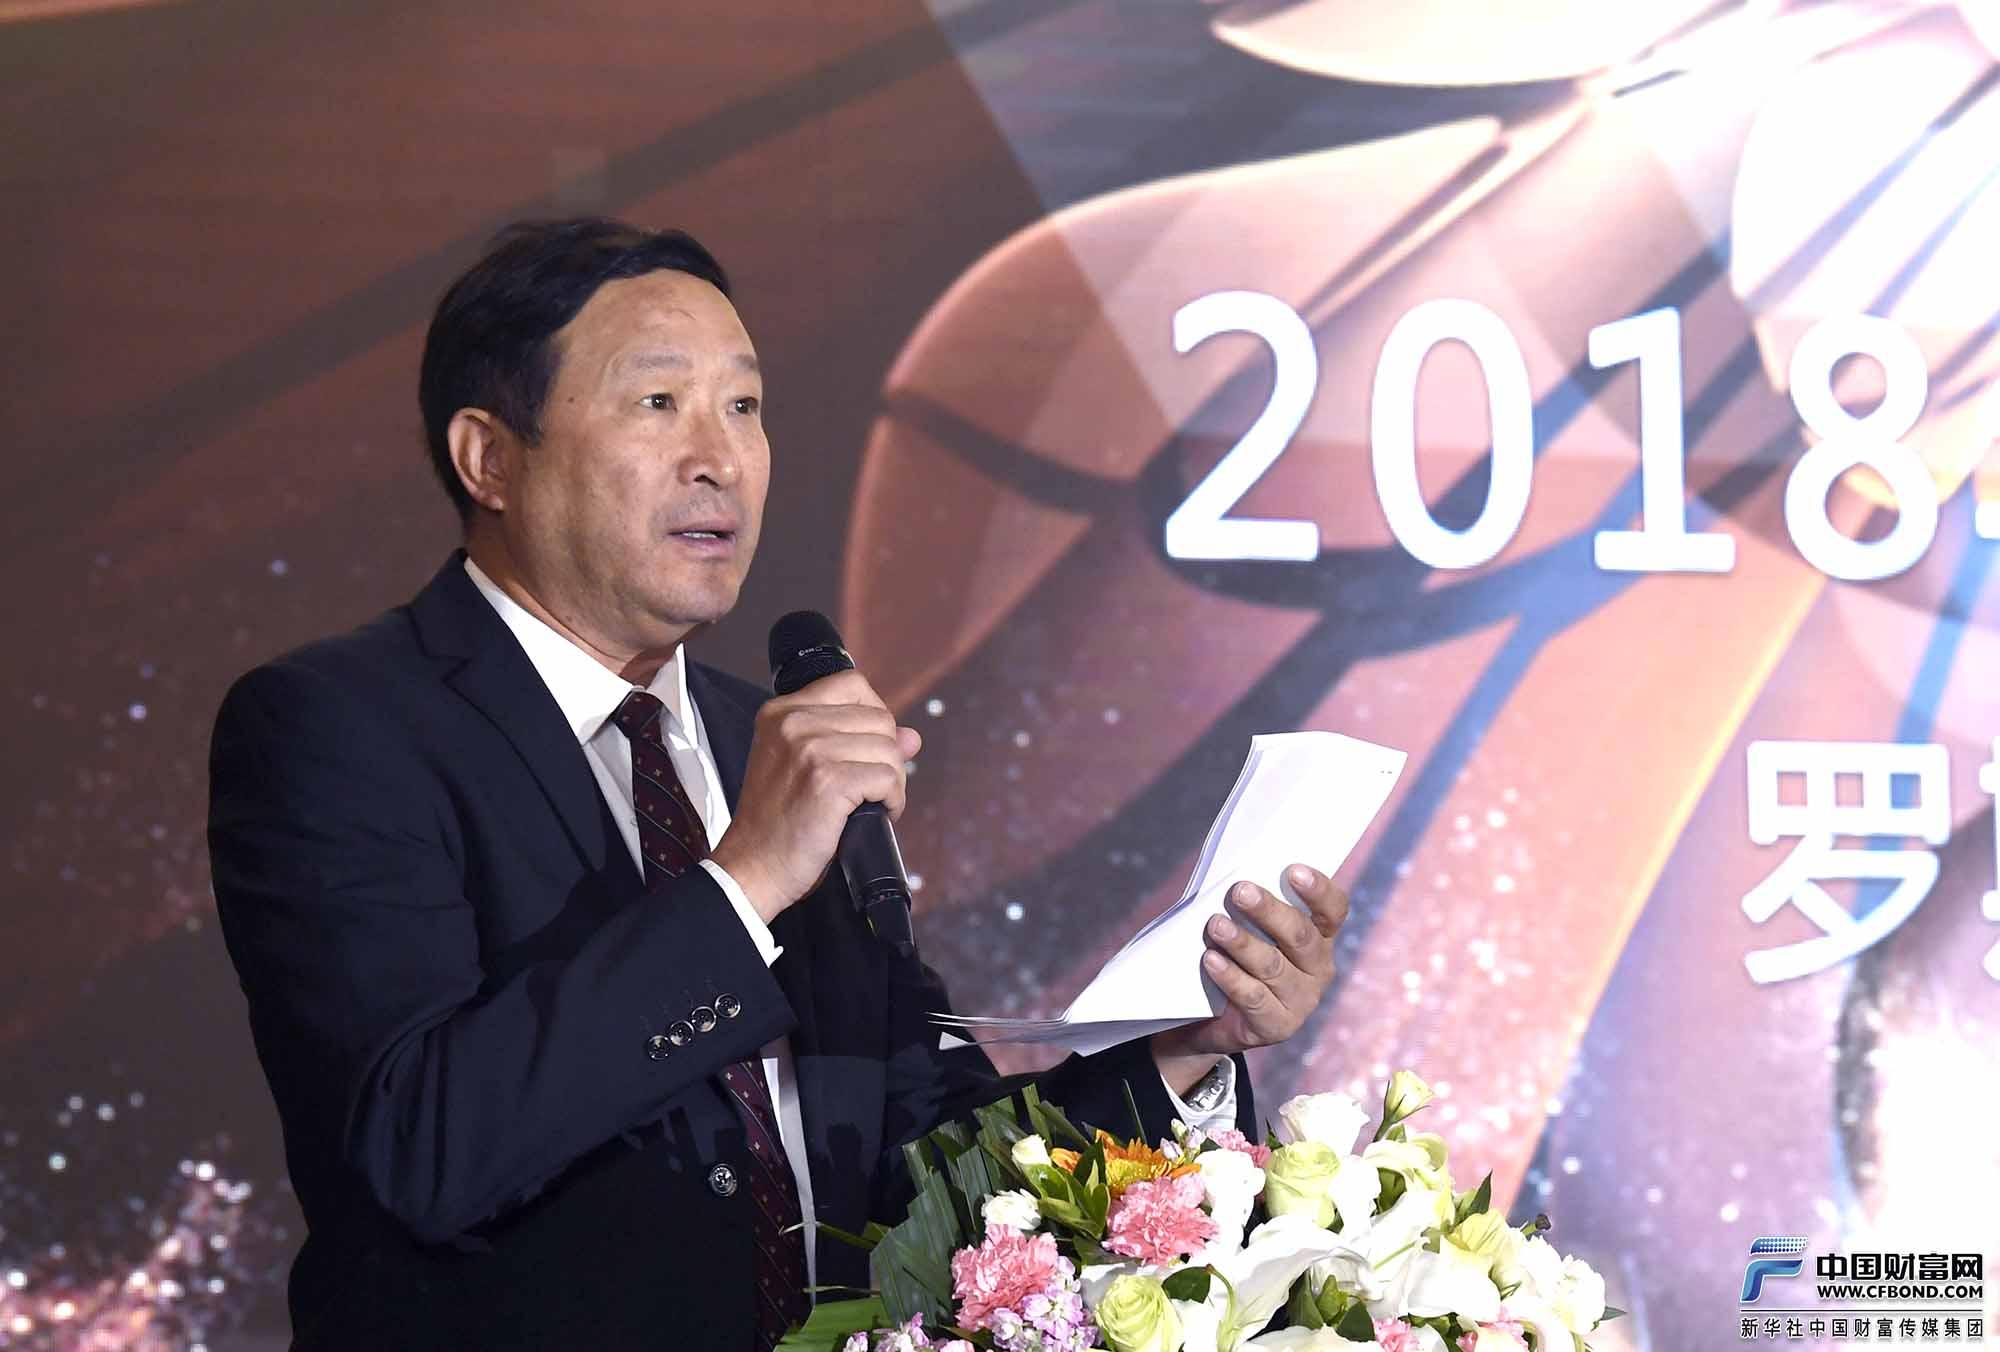 中国科技协会前副主席陈章良